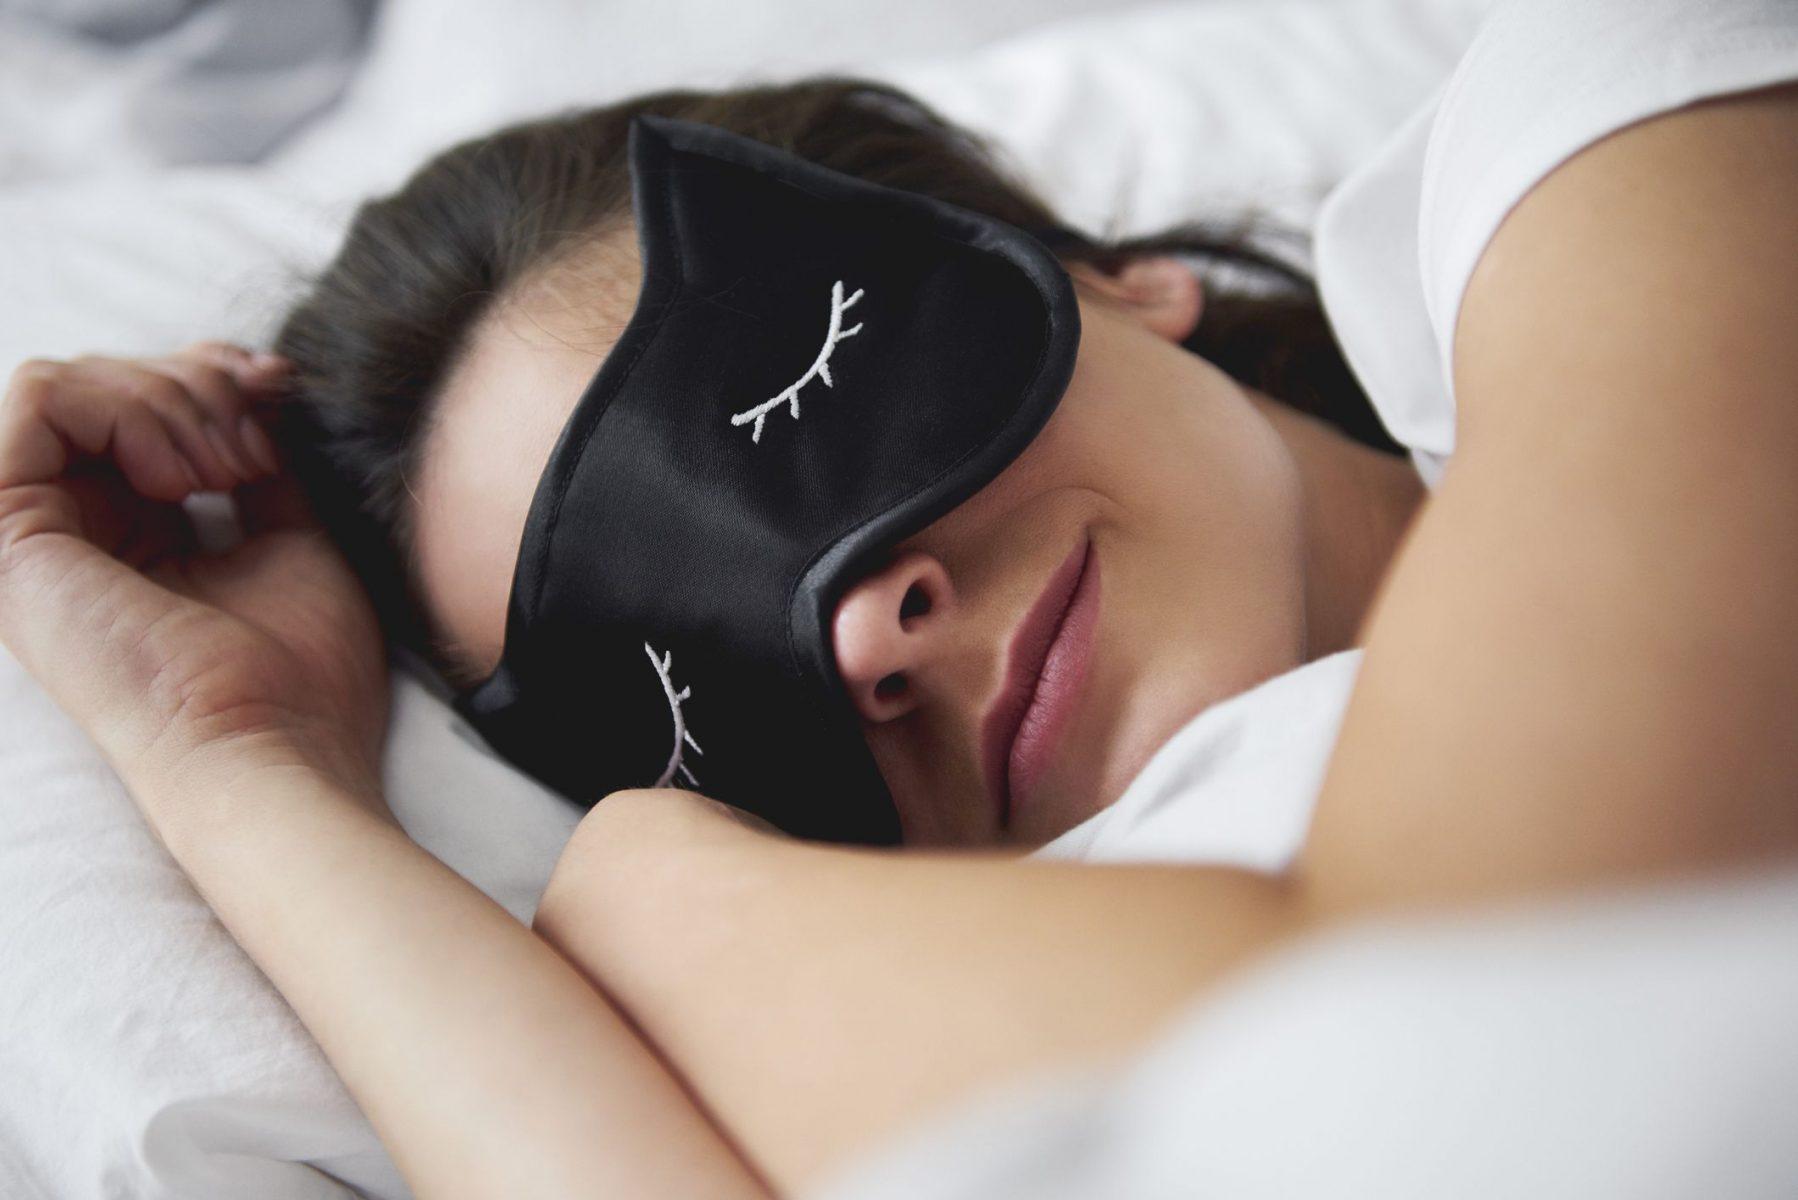 Ύπνος ομορφιά: Ο δρόμος για μία υγιή επιδερμίδα